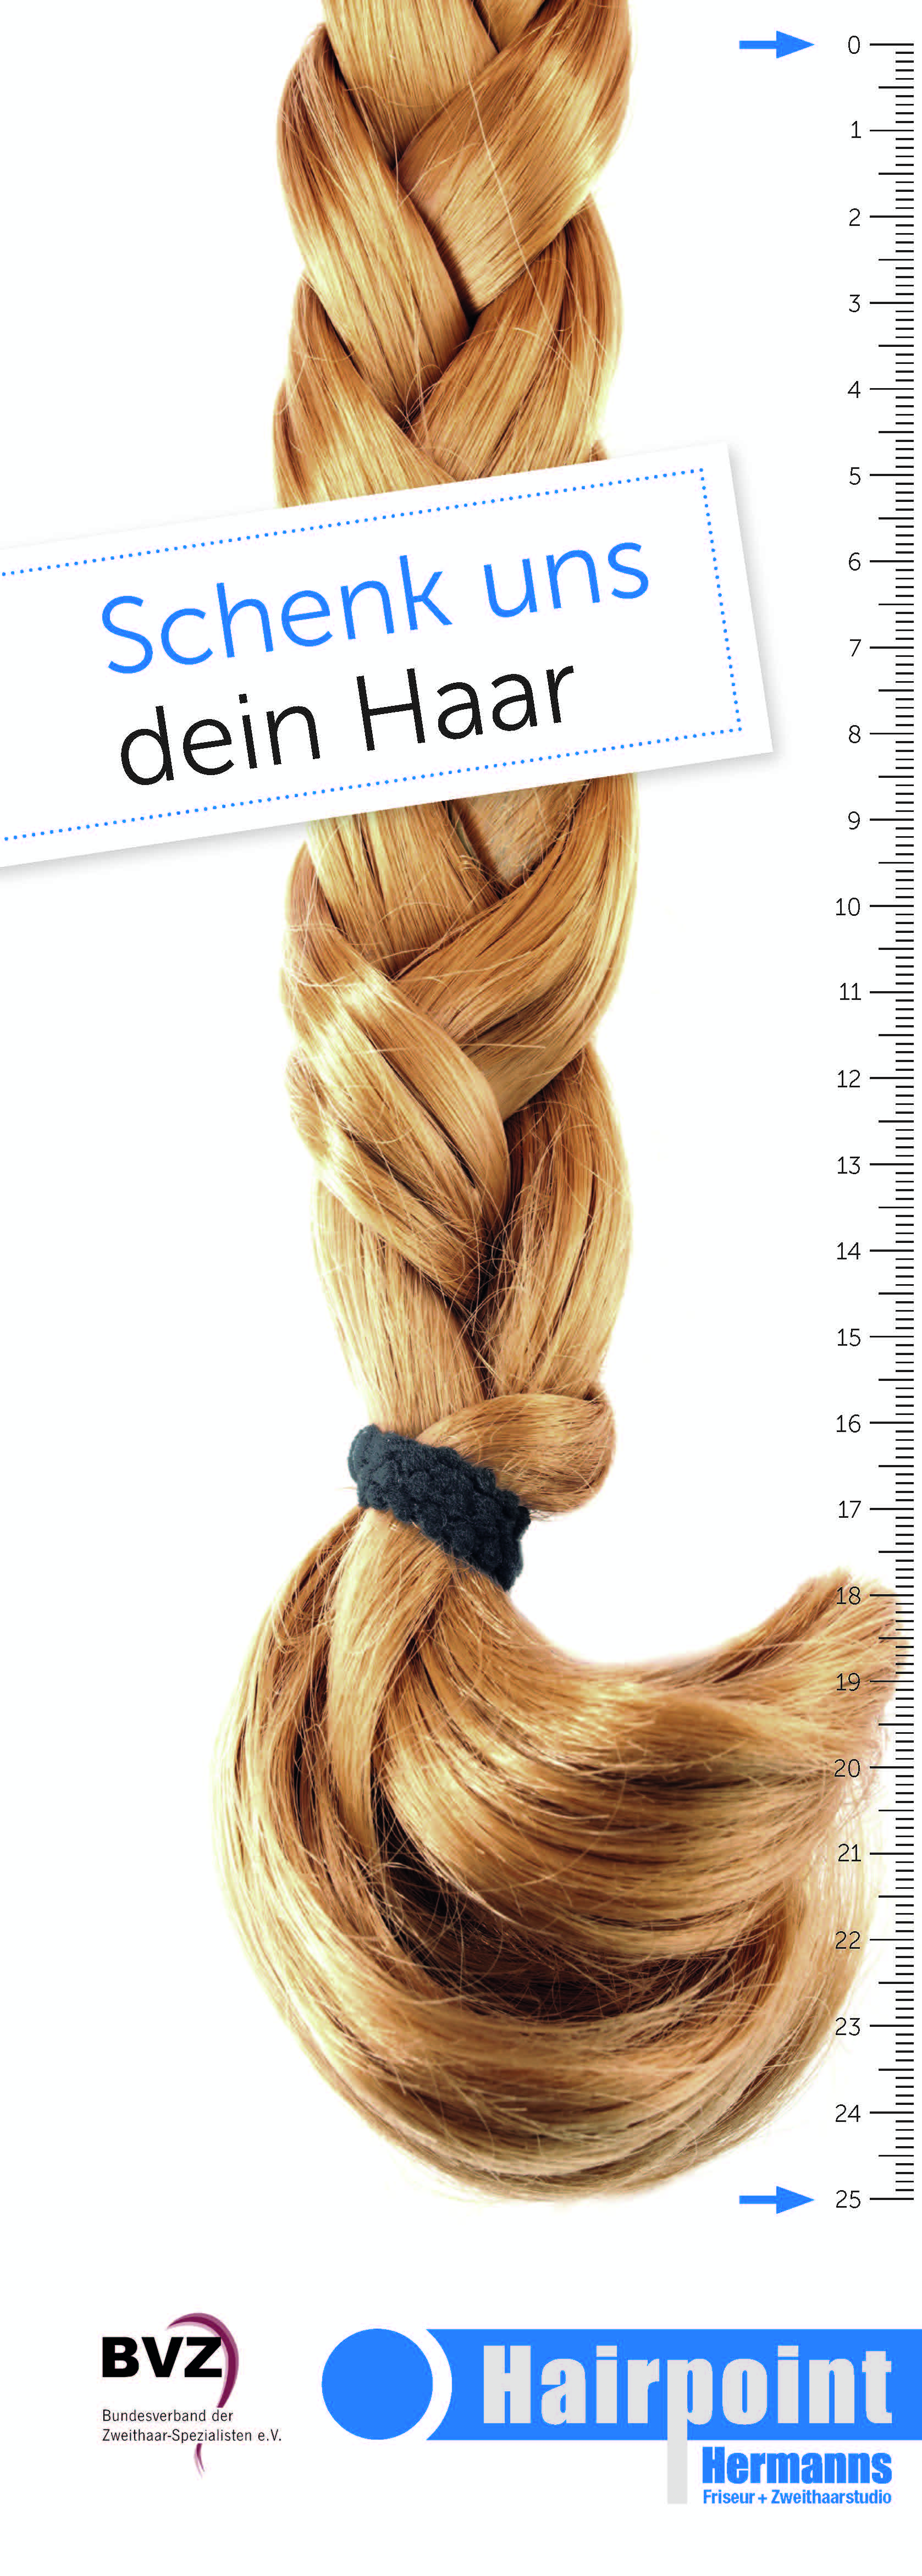 HairPoint_Hermanns_Haarspenden_Flyer_RZ_Seite_1